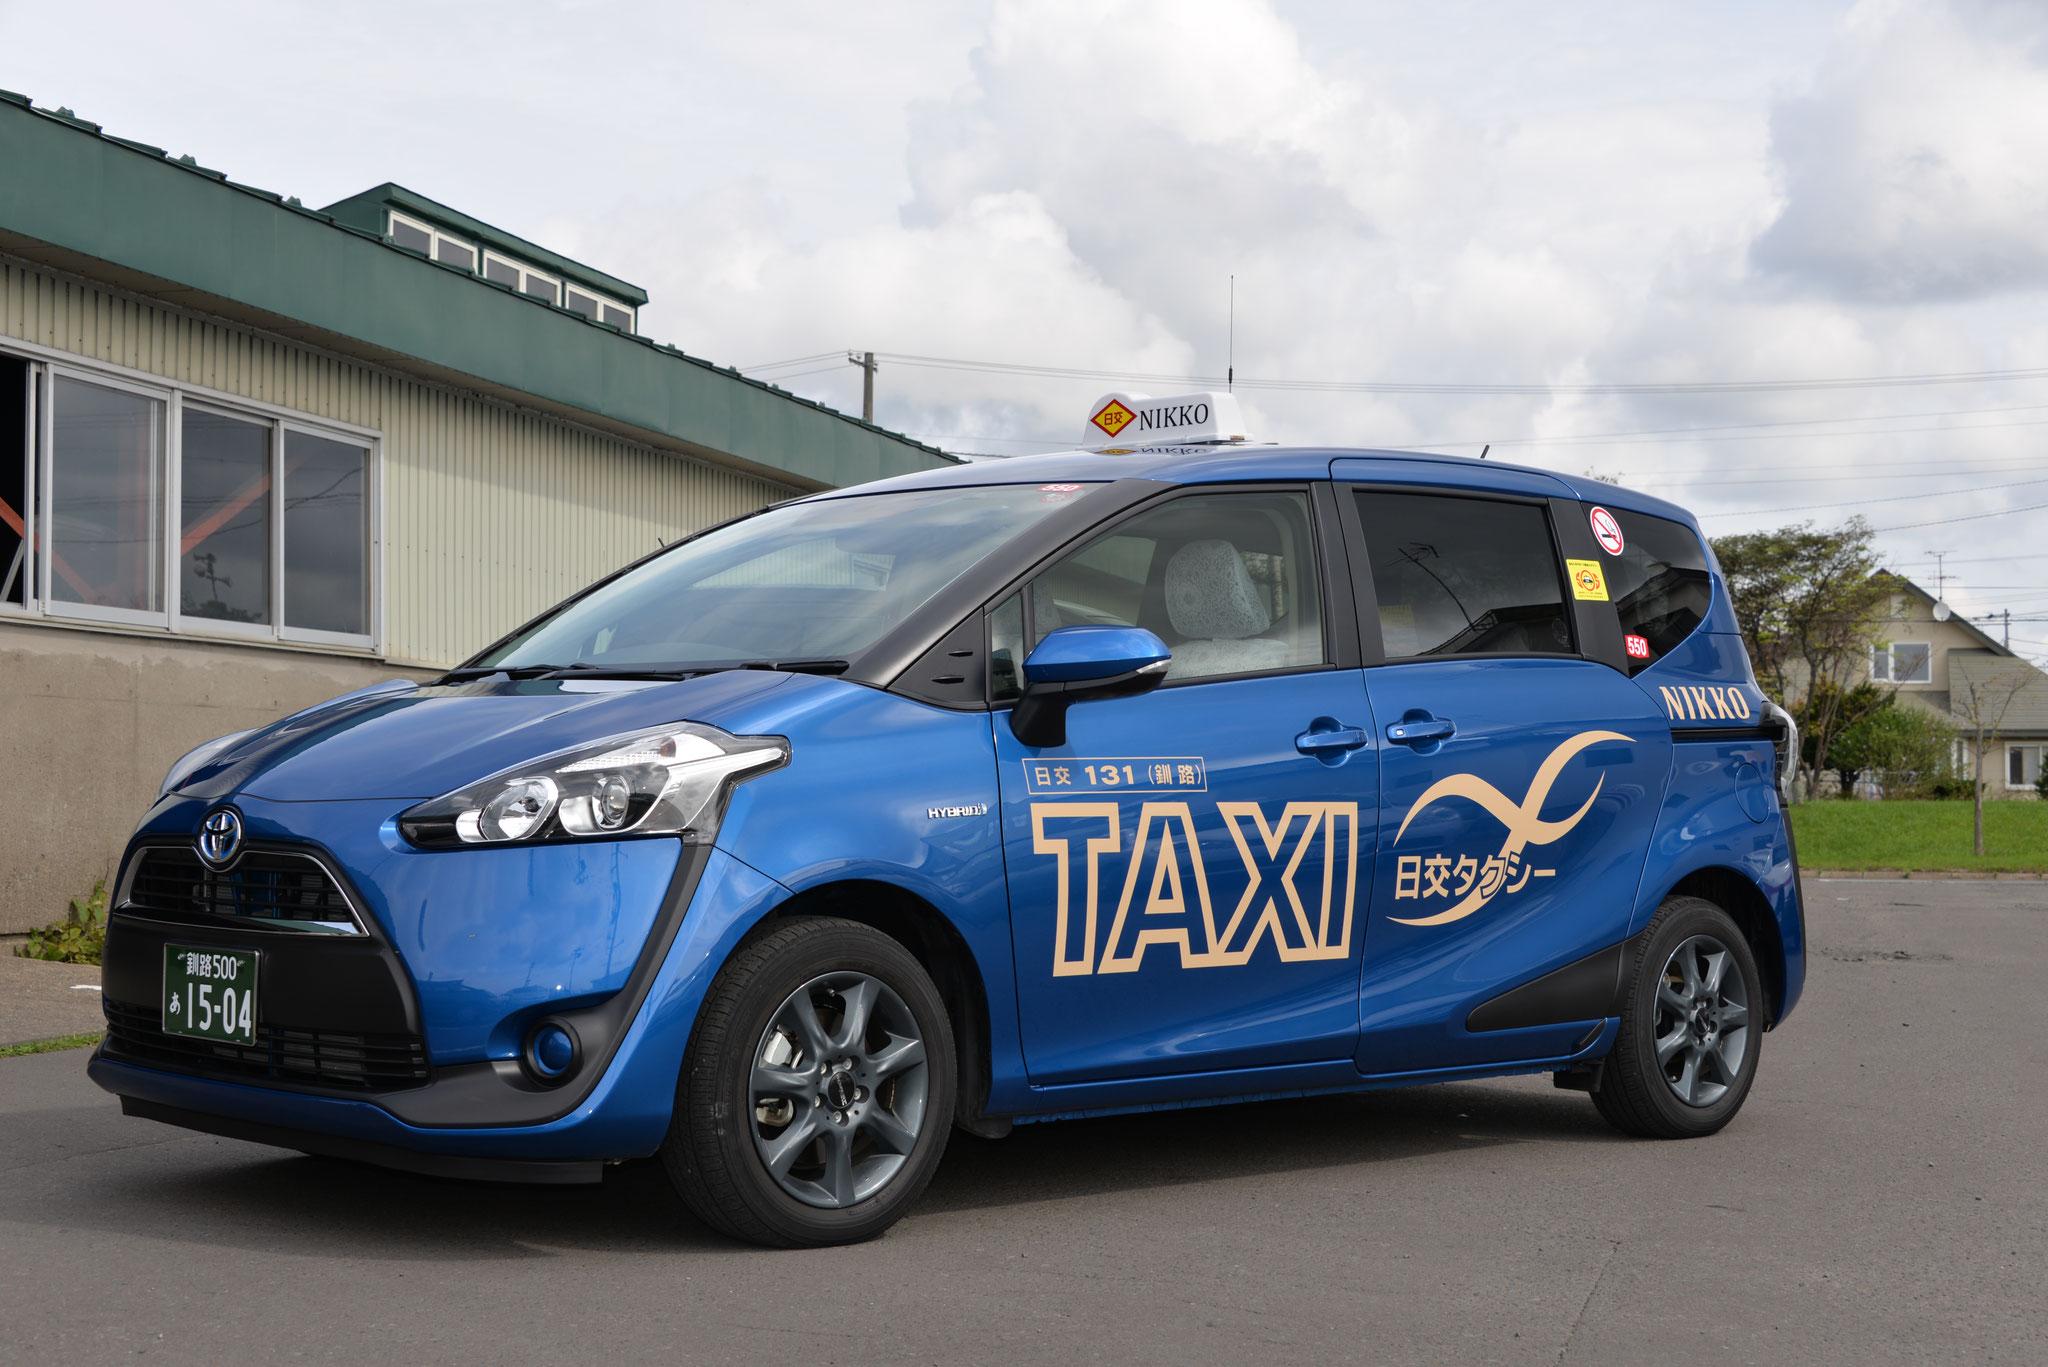 小型タクシー トヨタ シエンタ ハイブリットタクシー